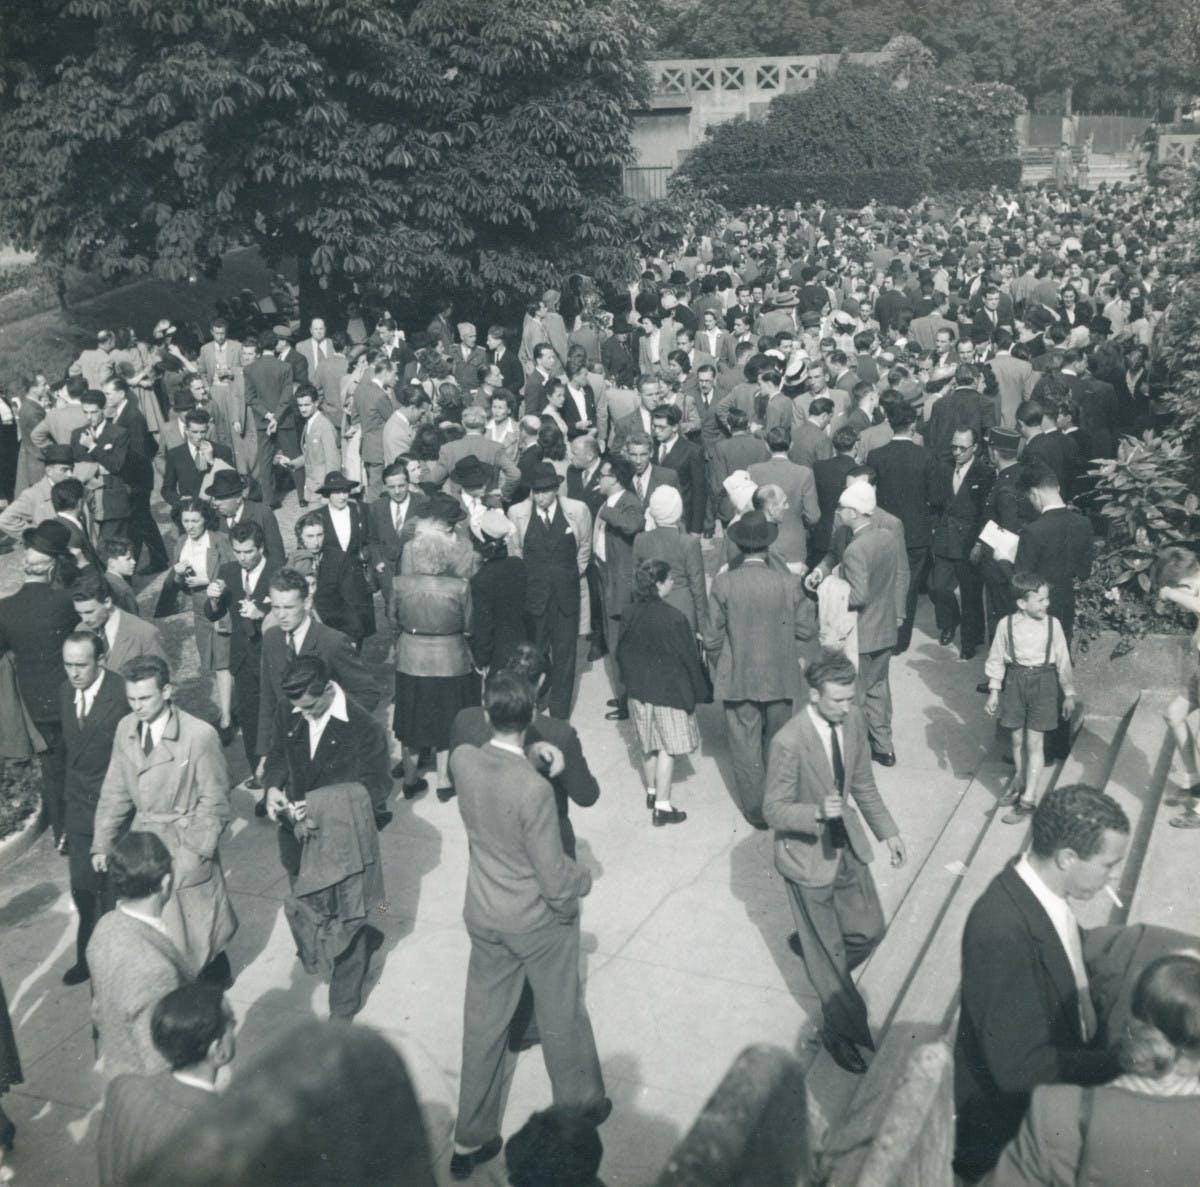 Stade Roland-Garros dans les années 1950.